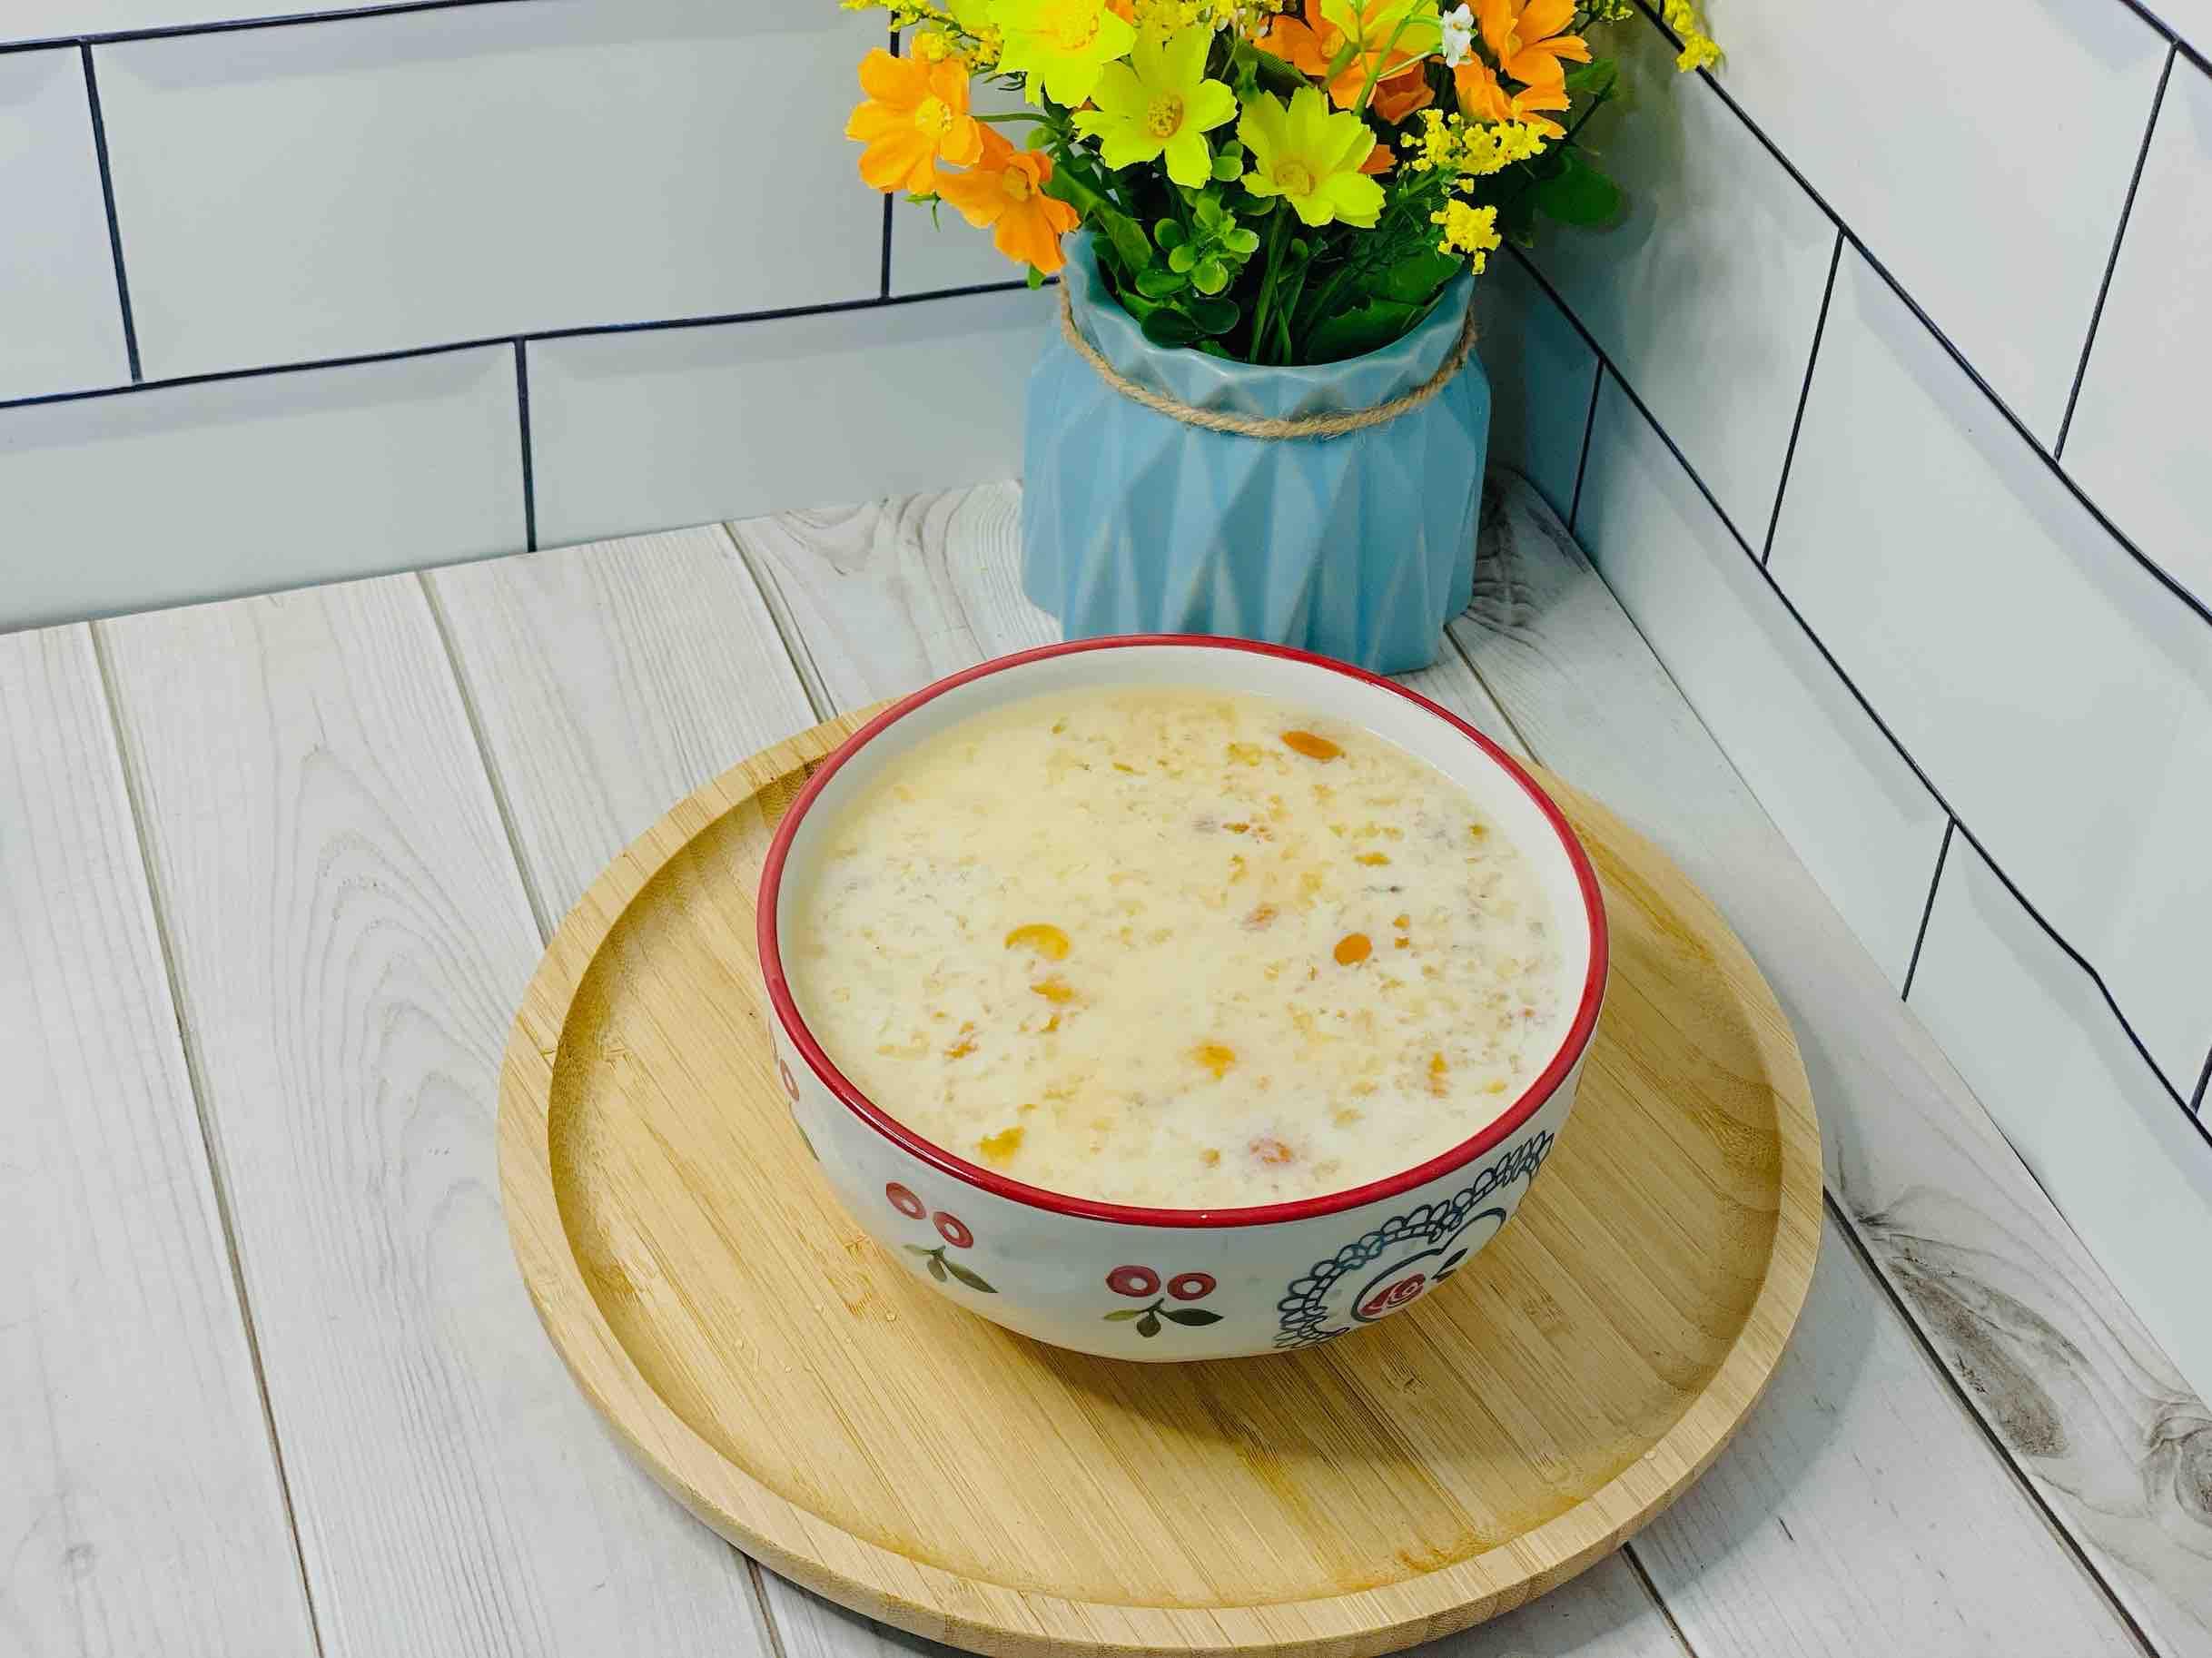 美味难挡高颜值甜品-牛奶桃胶,勺勺都是甜甜蜜蜜成品图